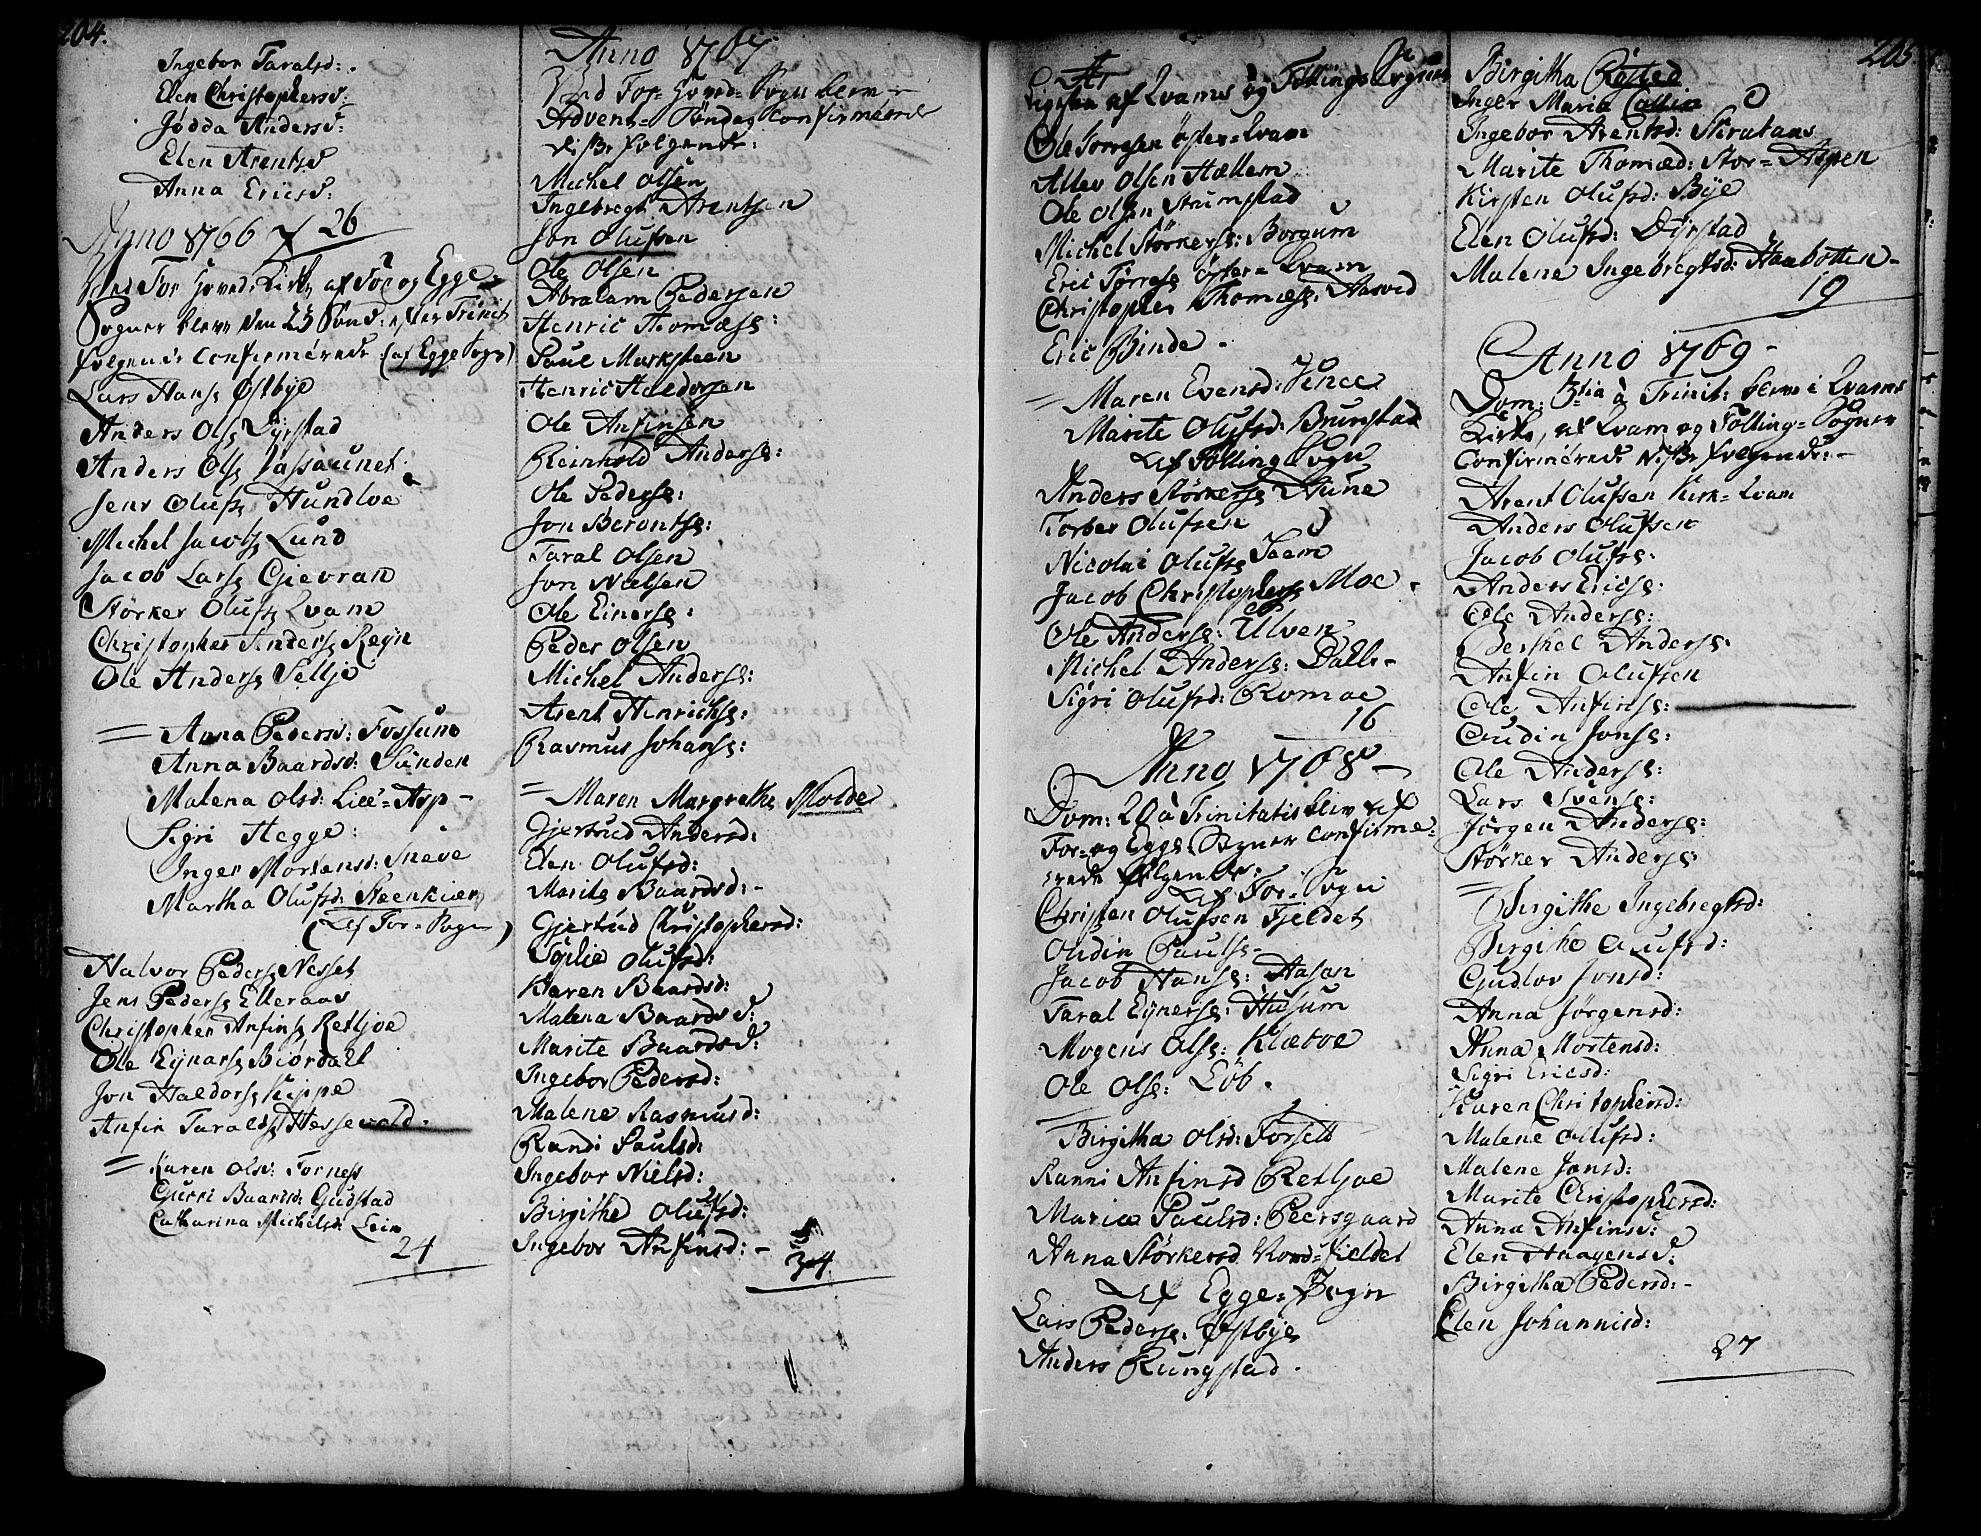 SAT, Ministerialprotokoller, klokkerbøker og fødselsregistre - Nord-Trøndelag, 746/L0440: Ministerialbok nr. 746A02, 1760-1815, s. 204-205